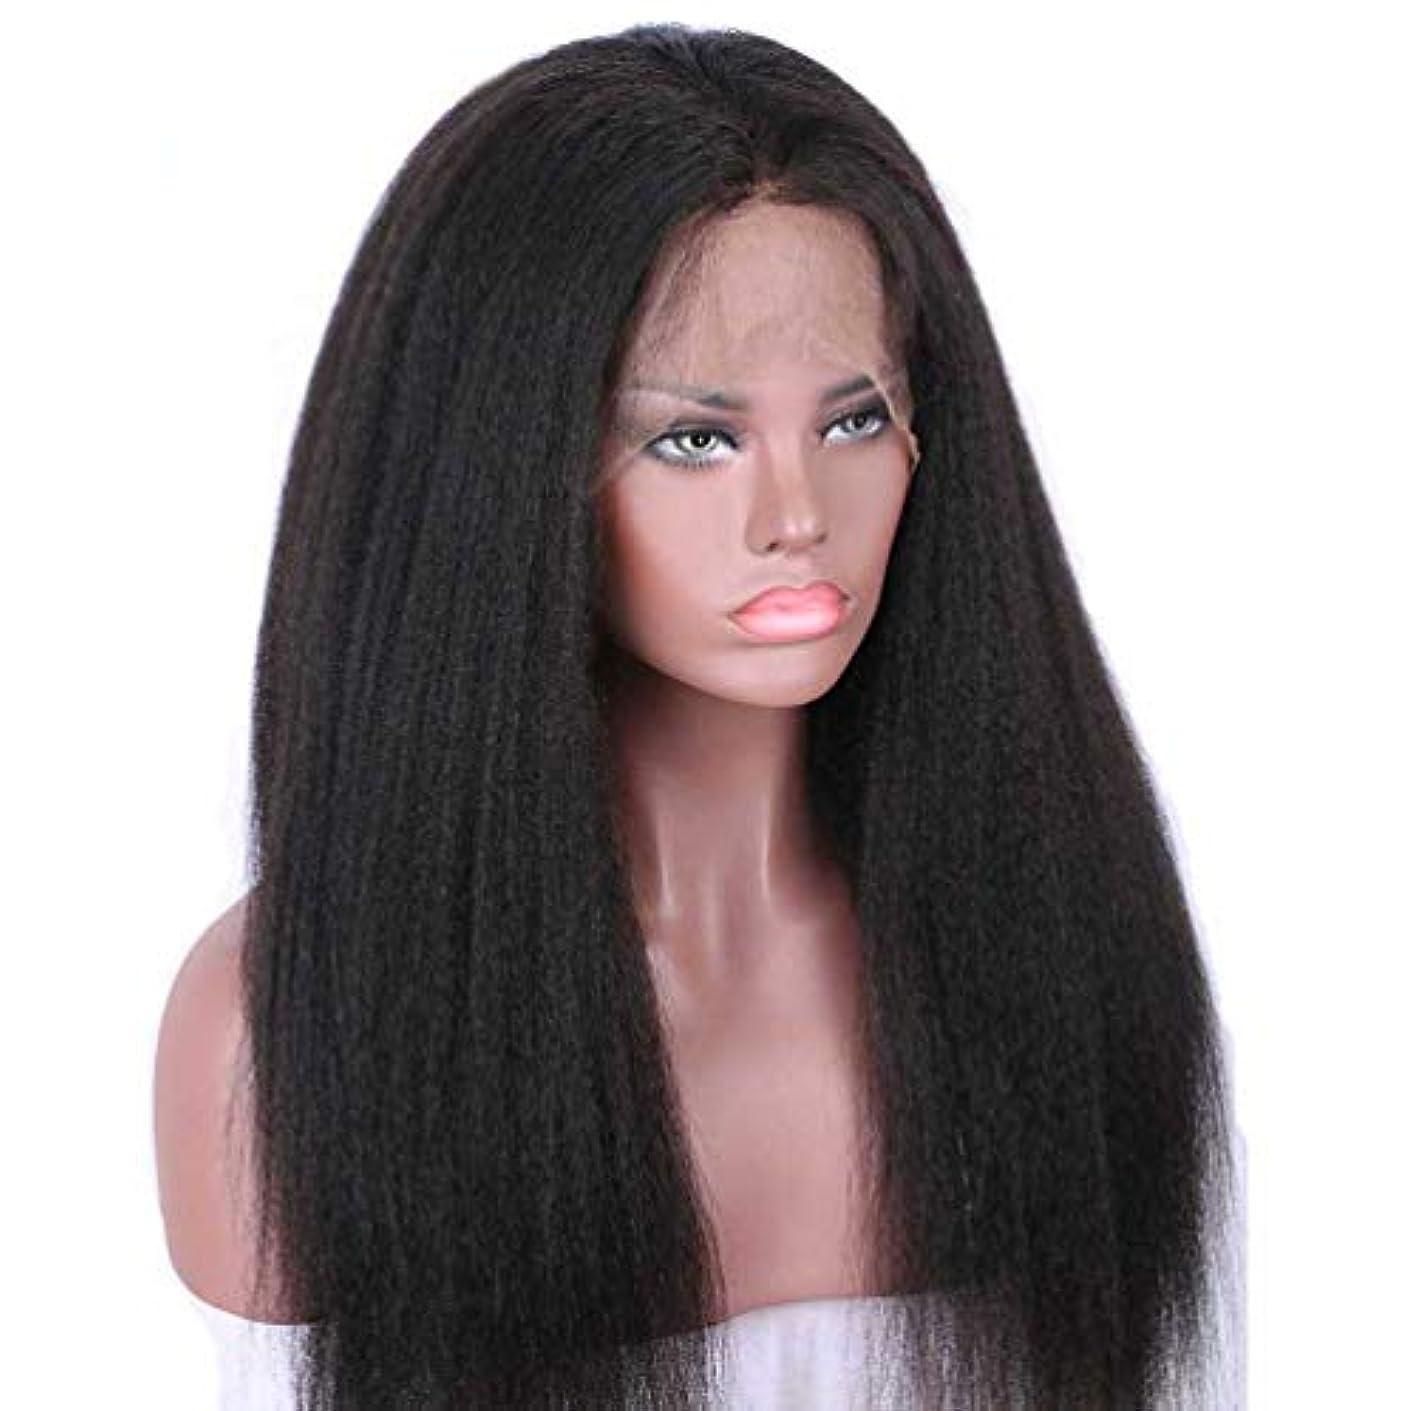 有効キー吸う女性130%密度かつらブラジルストレートヘア360レースフロント人毛ウィッグナチュラルカラーウィッグ